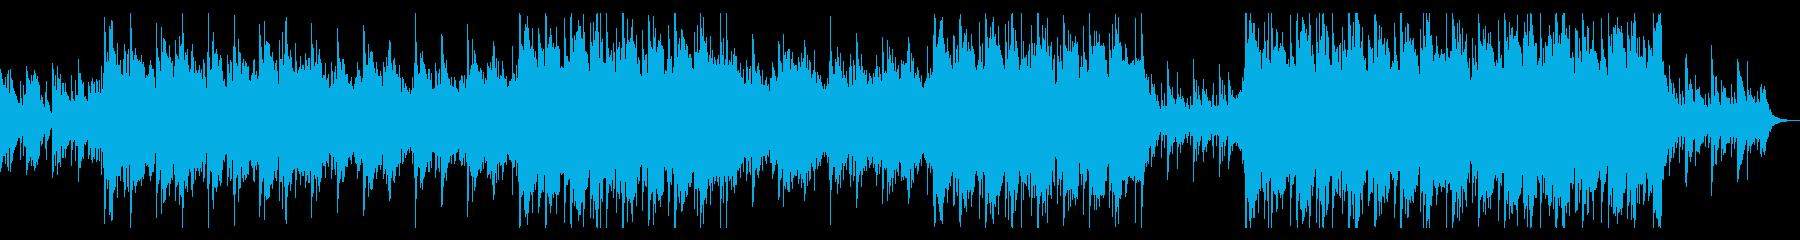 神棲まう森の再生済みの波形